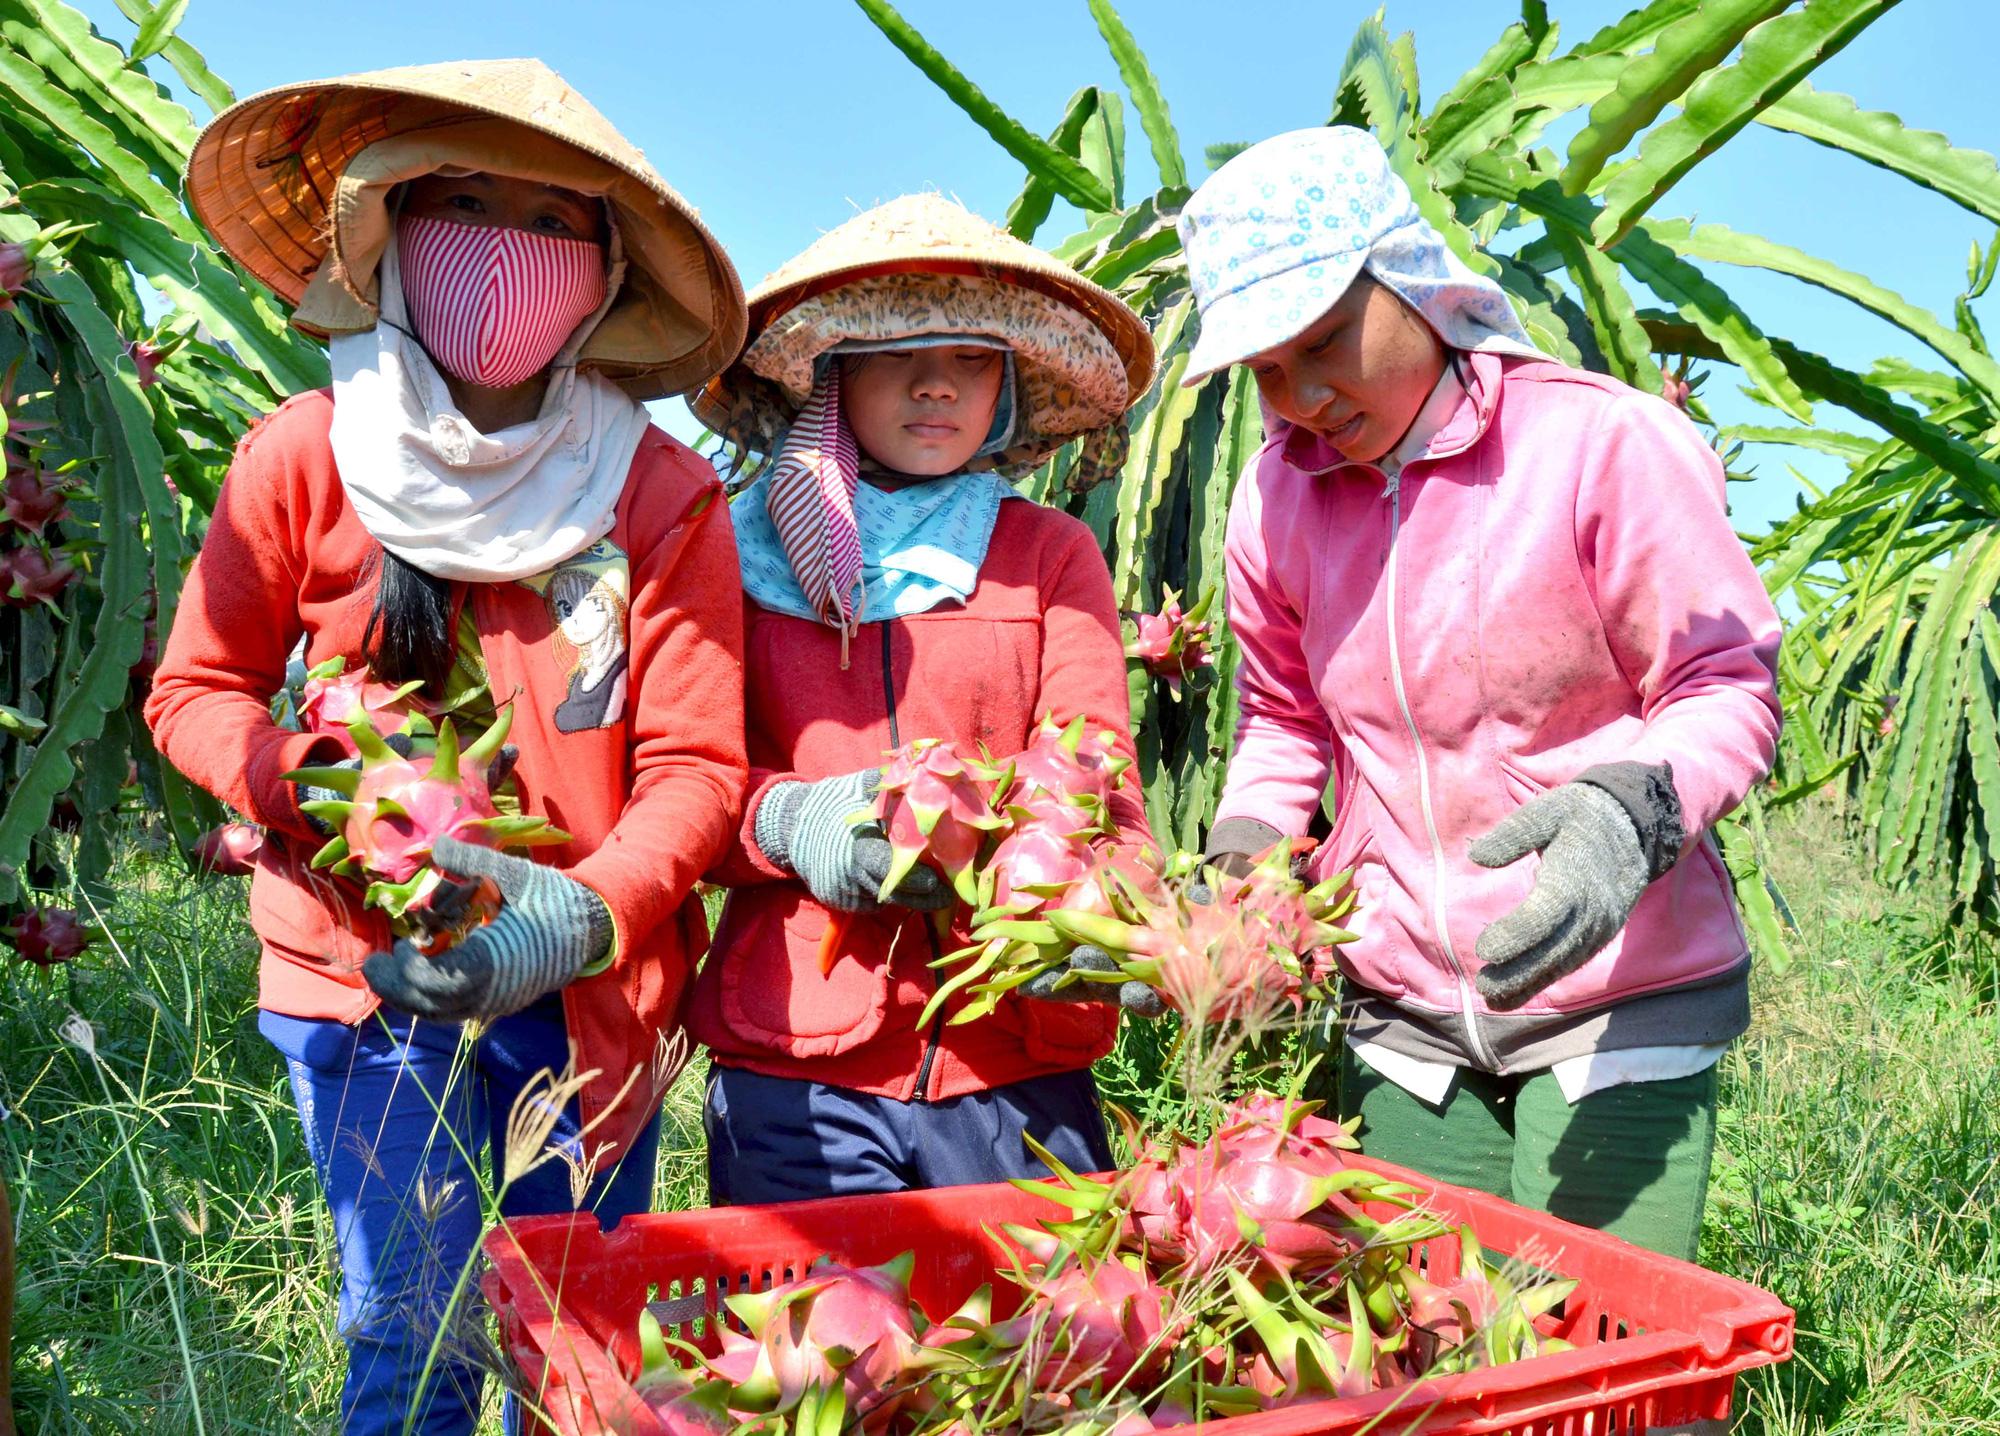 Trung Quốc cũng đang tăng tốc trồng thanh long - Ảnh 1.